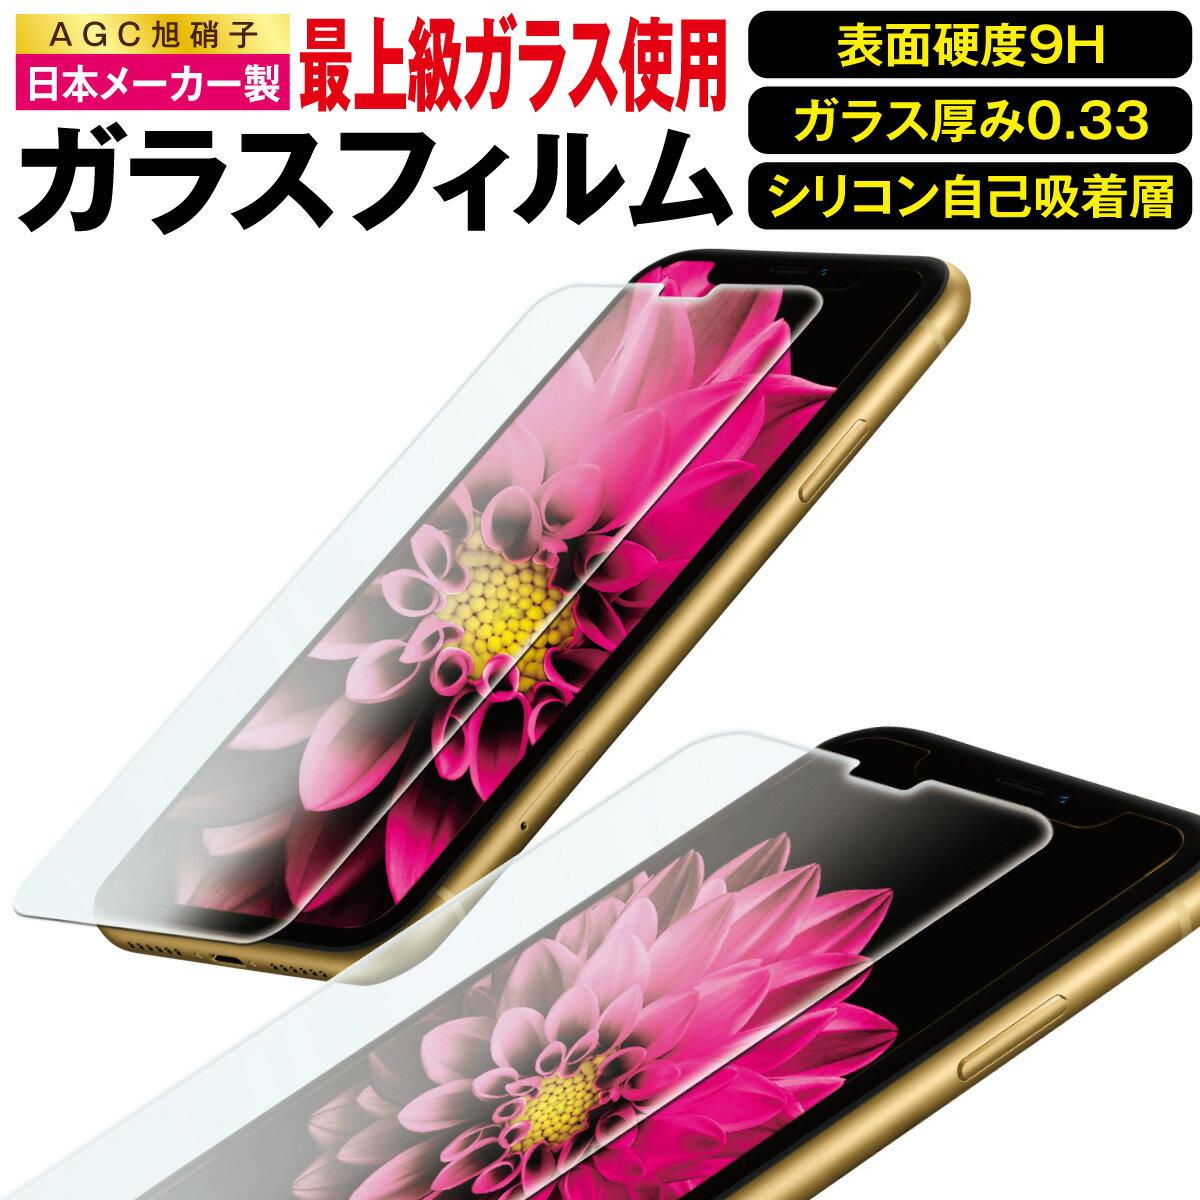 保護フィルム ガラス保護フィルム iPhoneXs Max XR iPhoneX iPhone8 iPhone7 iPhone6s iPhpne6 Plus iPhone SE iPhone5s Xperia Z5 Z4 Z3 SO-02H SO-01H SO-03H SOV32 AQUOS SH-01H SH-02H 503SH 502SH F-01H 強化ガラスフィルム ガラスフィルム 液晶保護フィルム hogo-01